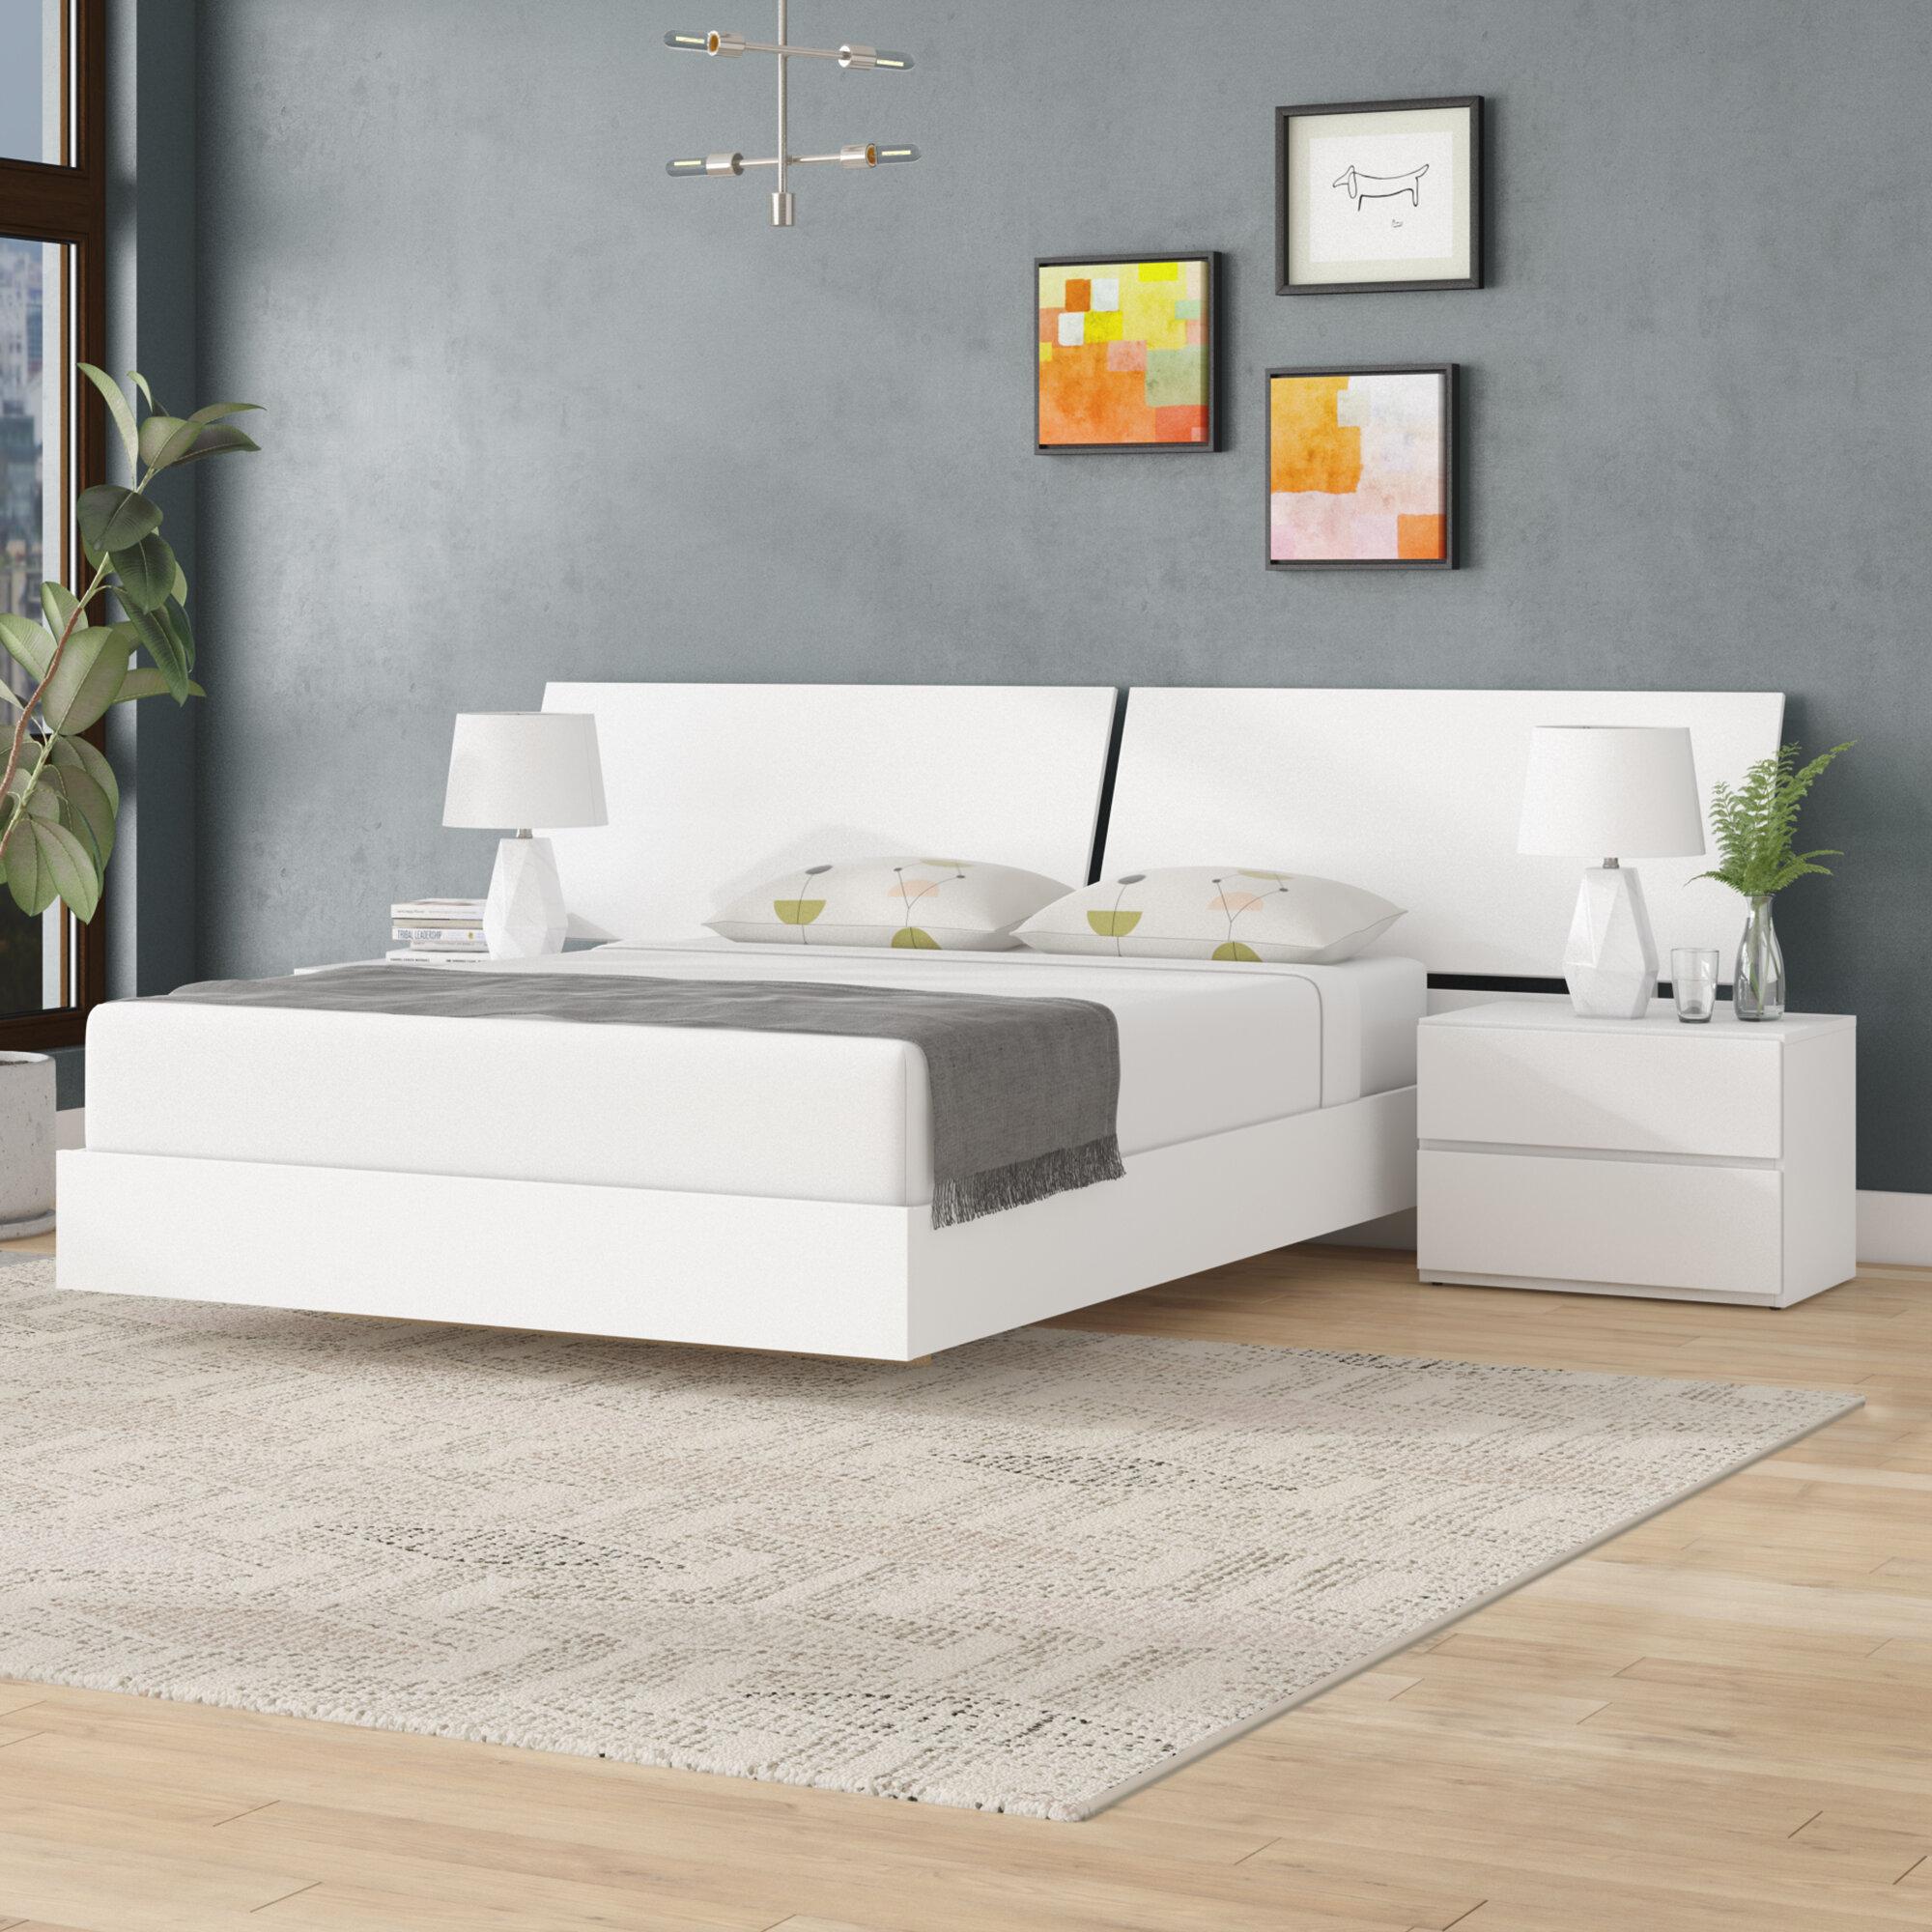 Wrought Studio Gabriella Platform 4 Piece Bedroom Set Reviews Wayfair Ca